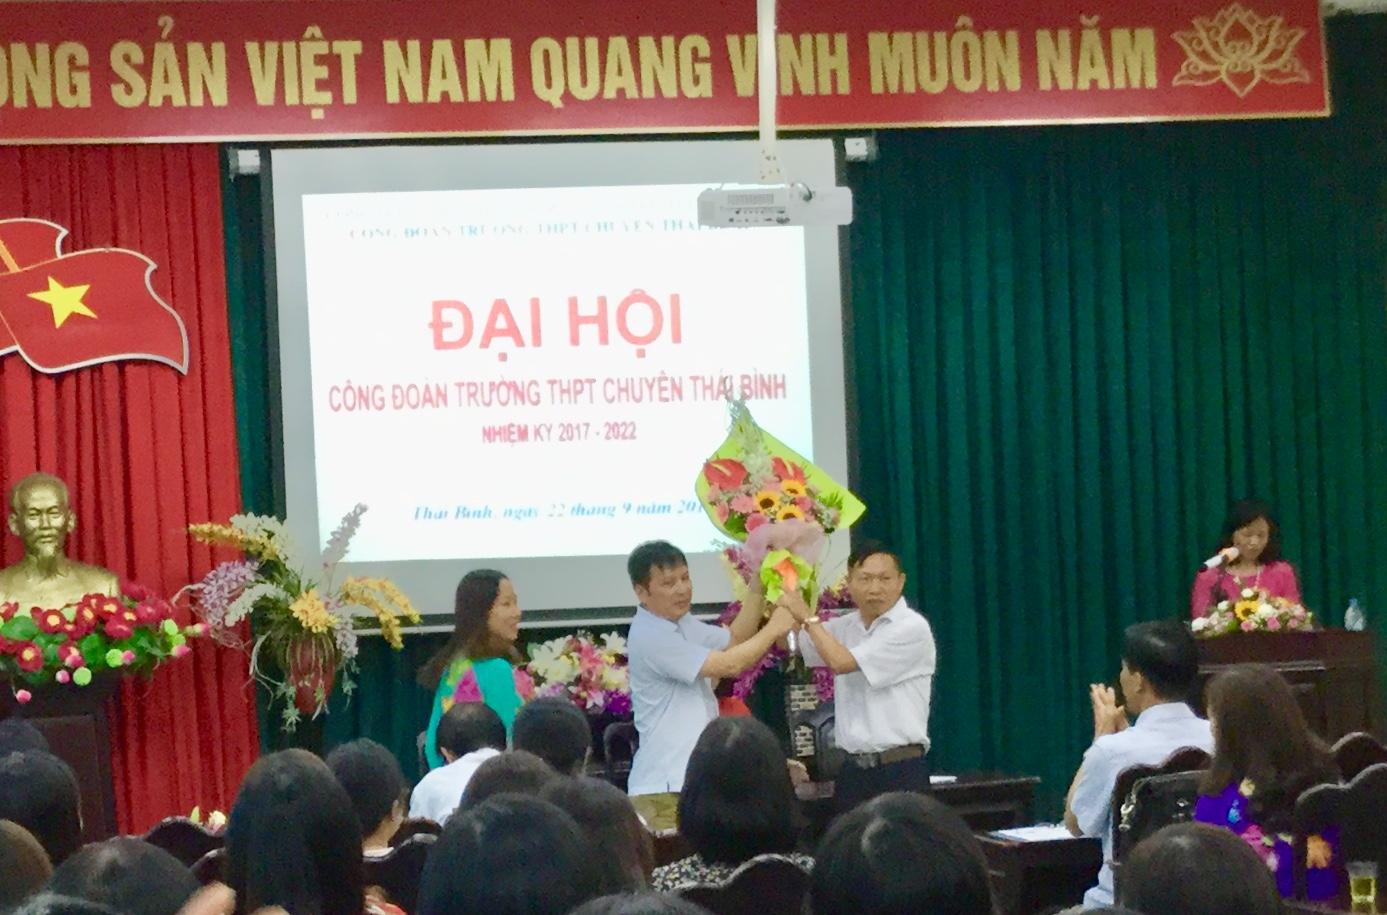 Khai mạc ĐH Công đoàn trường THPT Chuyên Thái Bình nhiệm kỳ 2017-2022